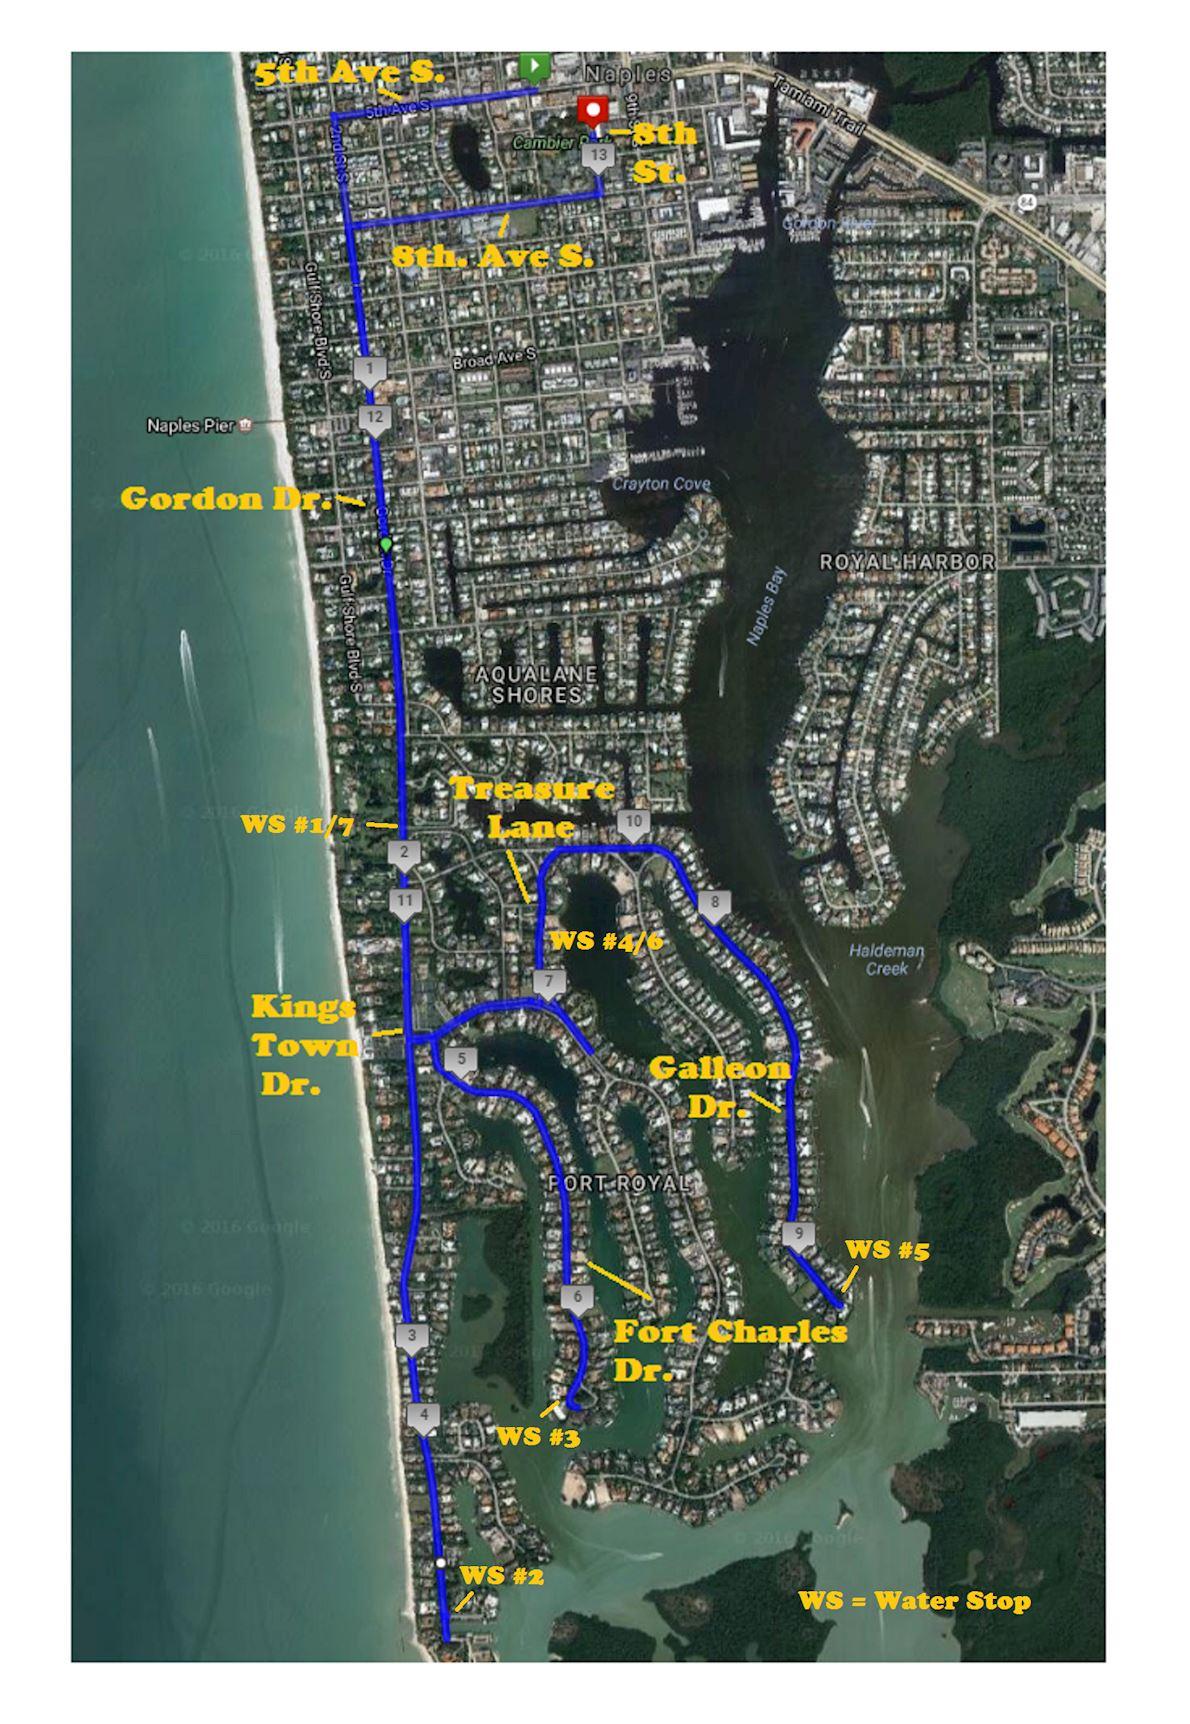 Naples Daily News Half Marathon Mappa del percorso